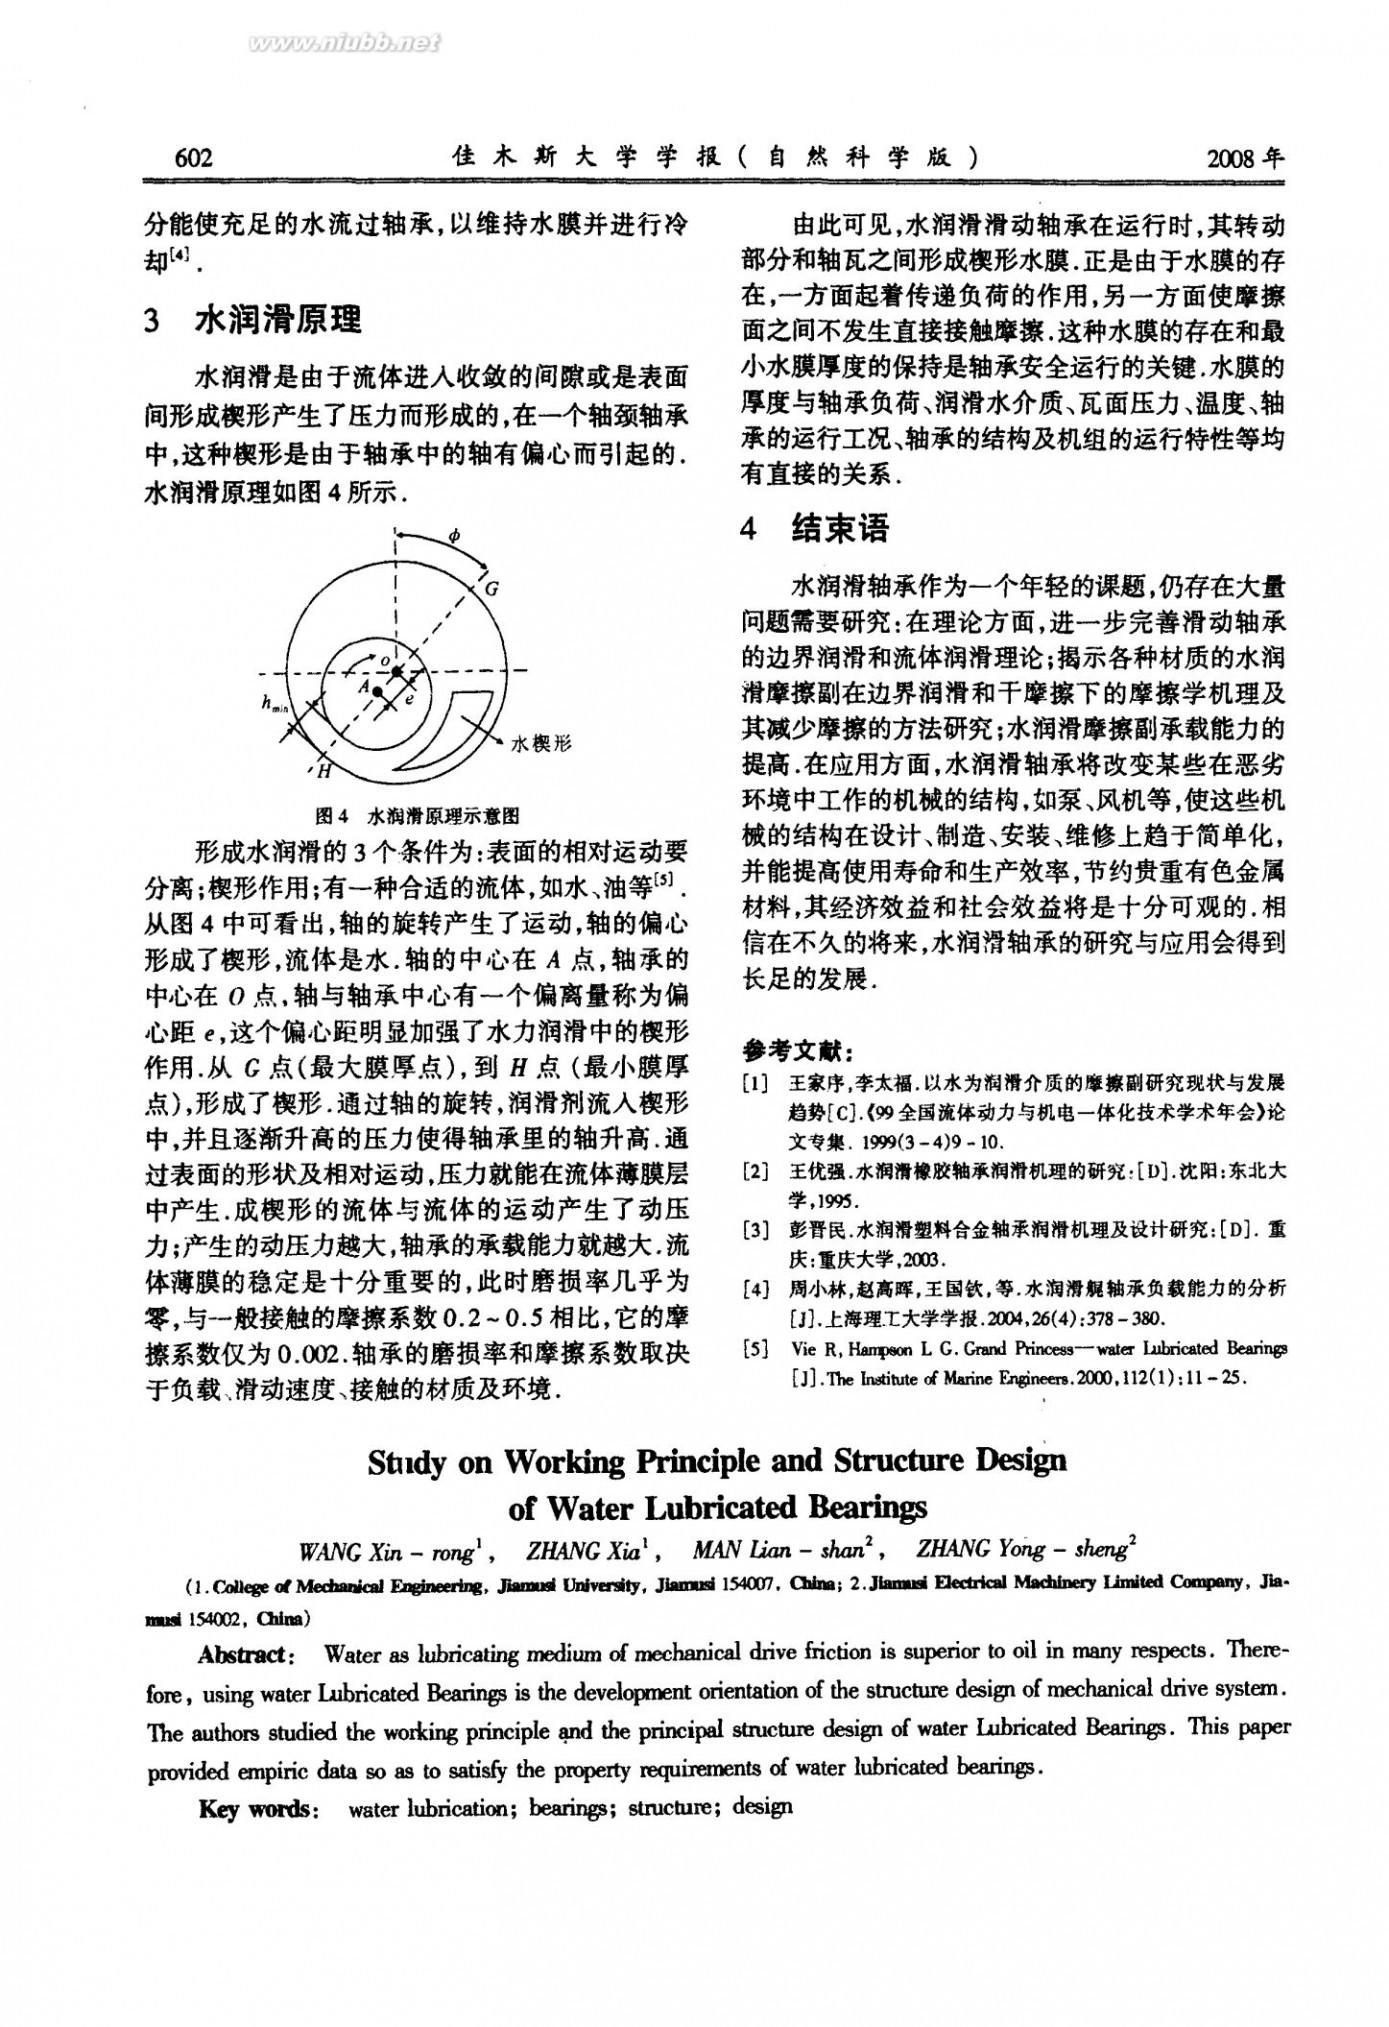 水润滑轴承 水润滑轴承的工作原理及结构设计研究